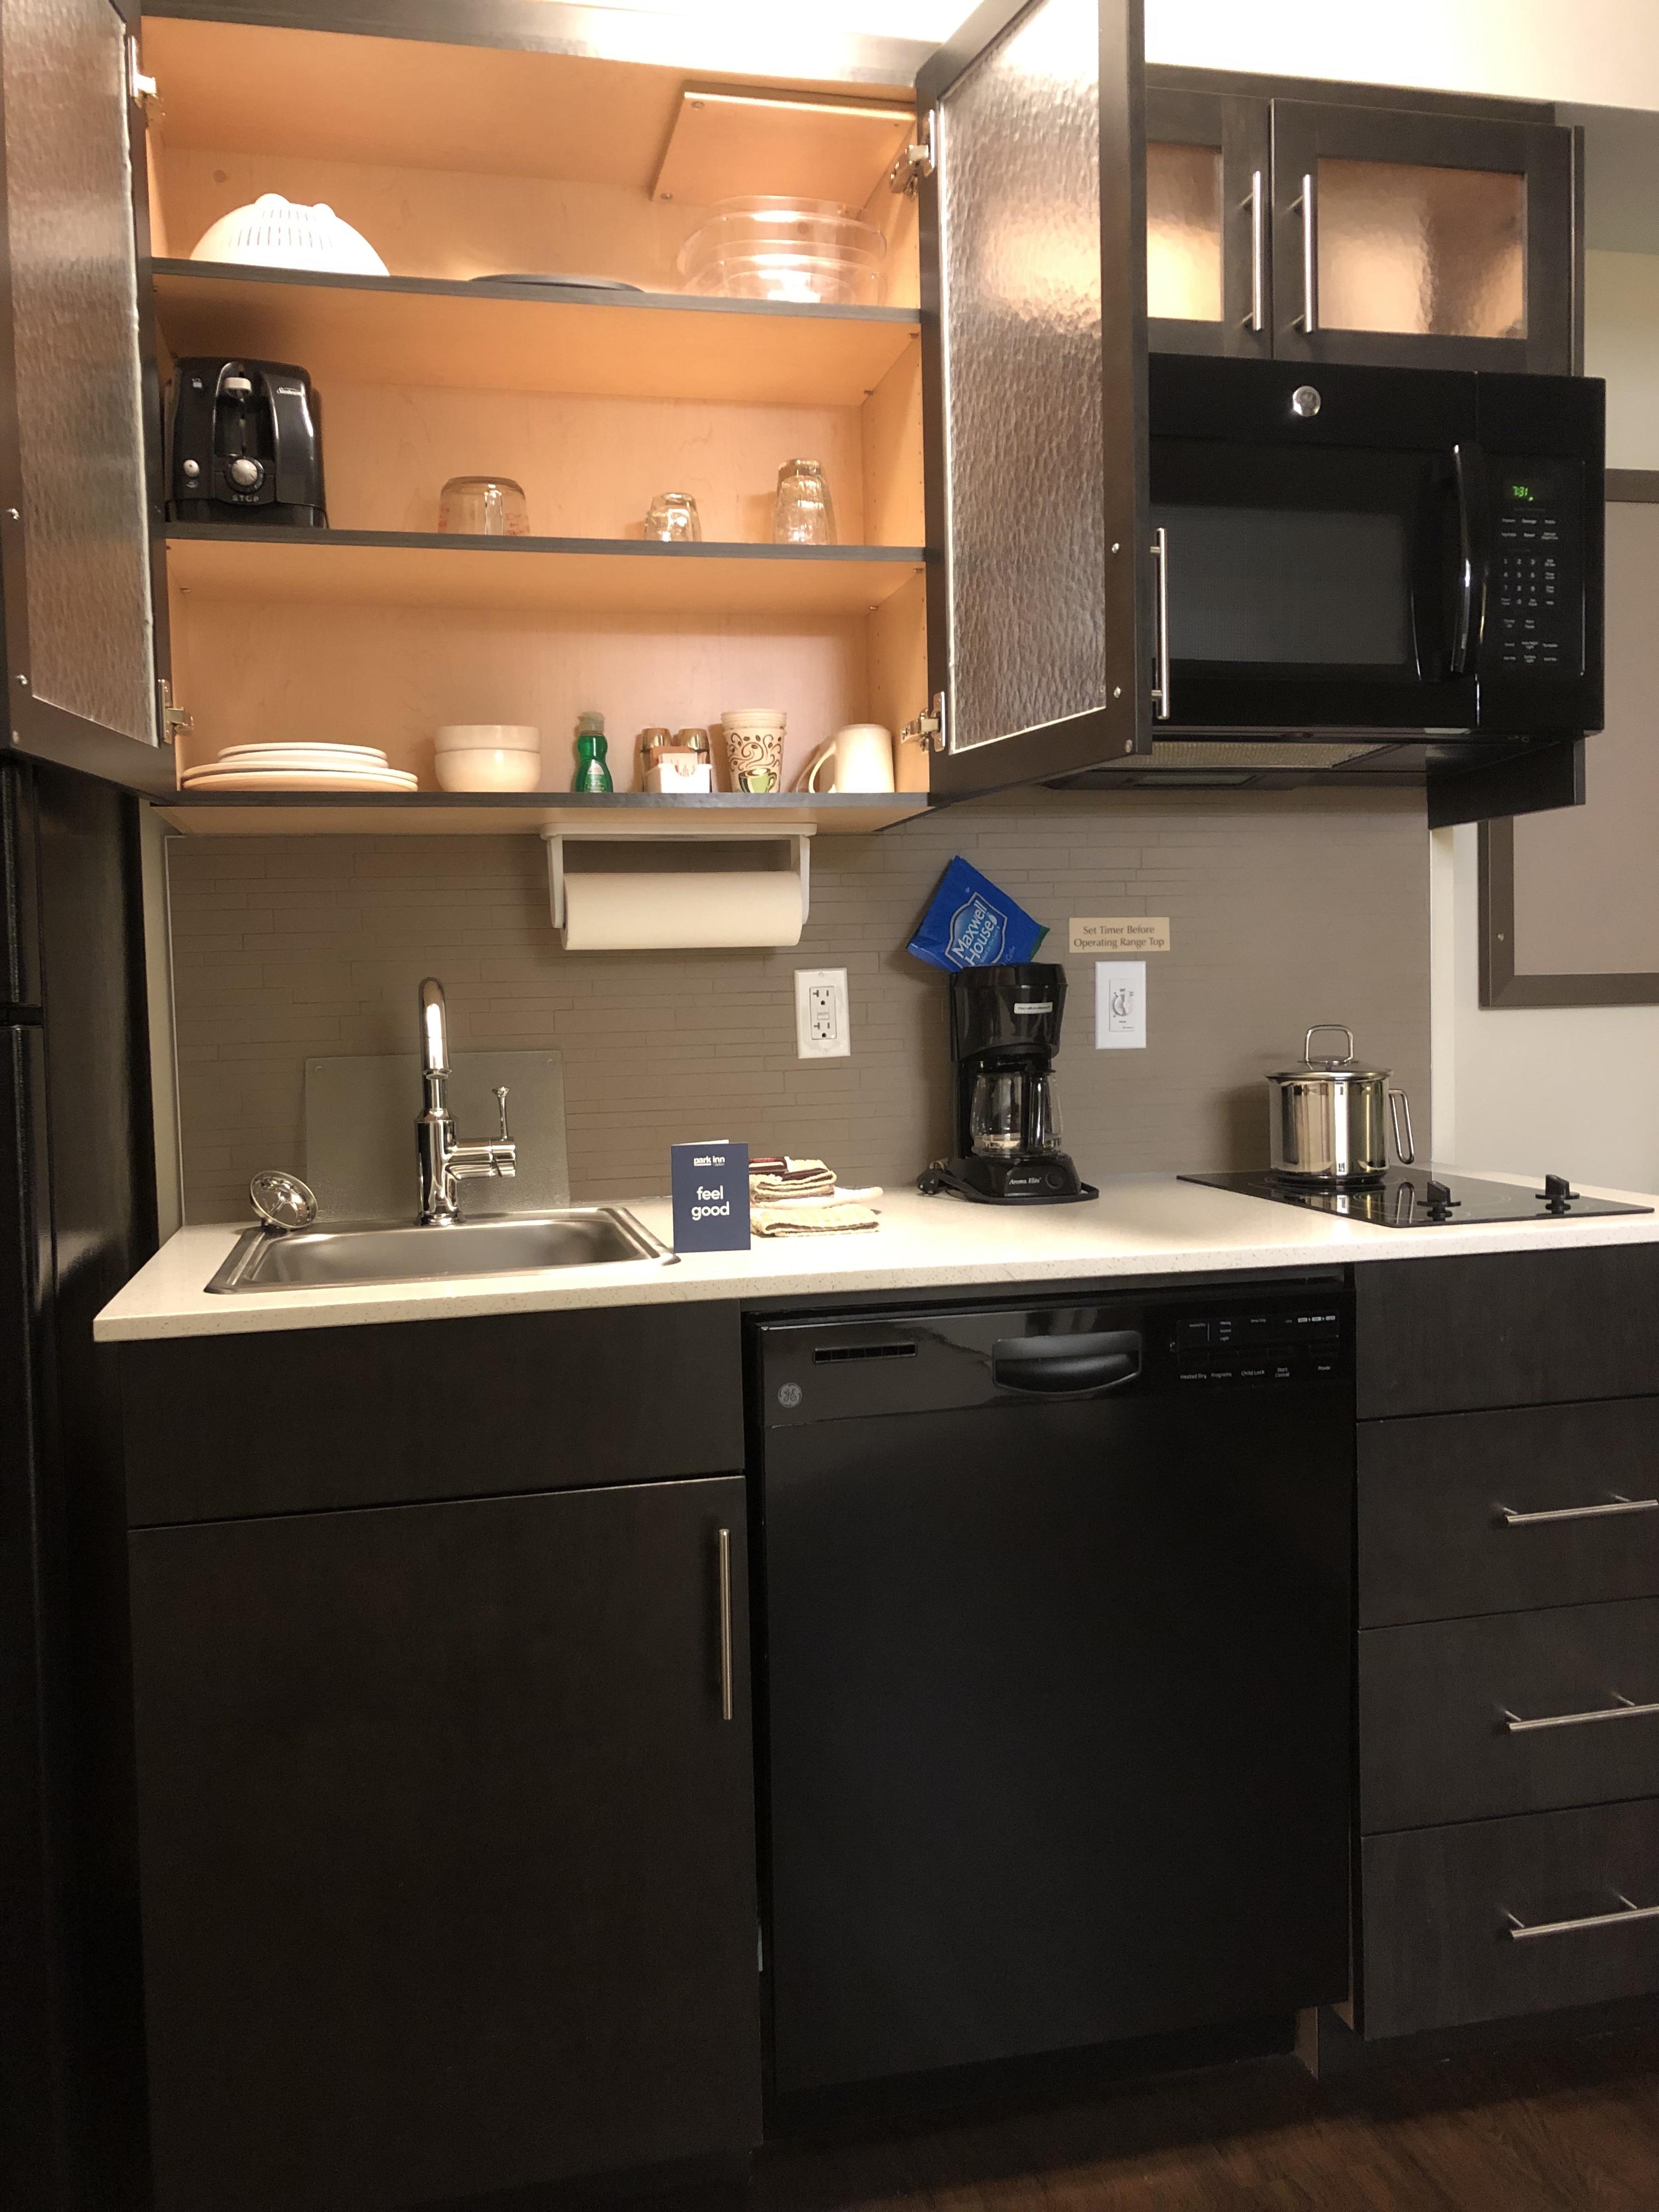 Park Inn YYC Calgary Kitchen Full